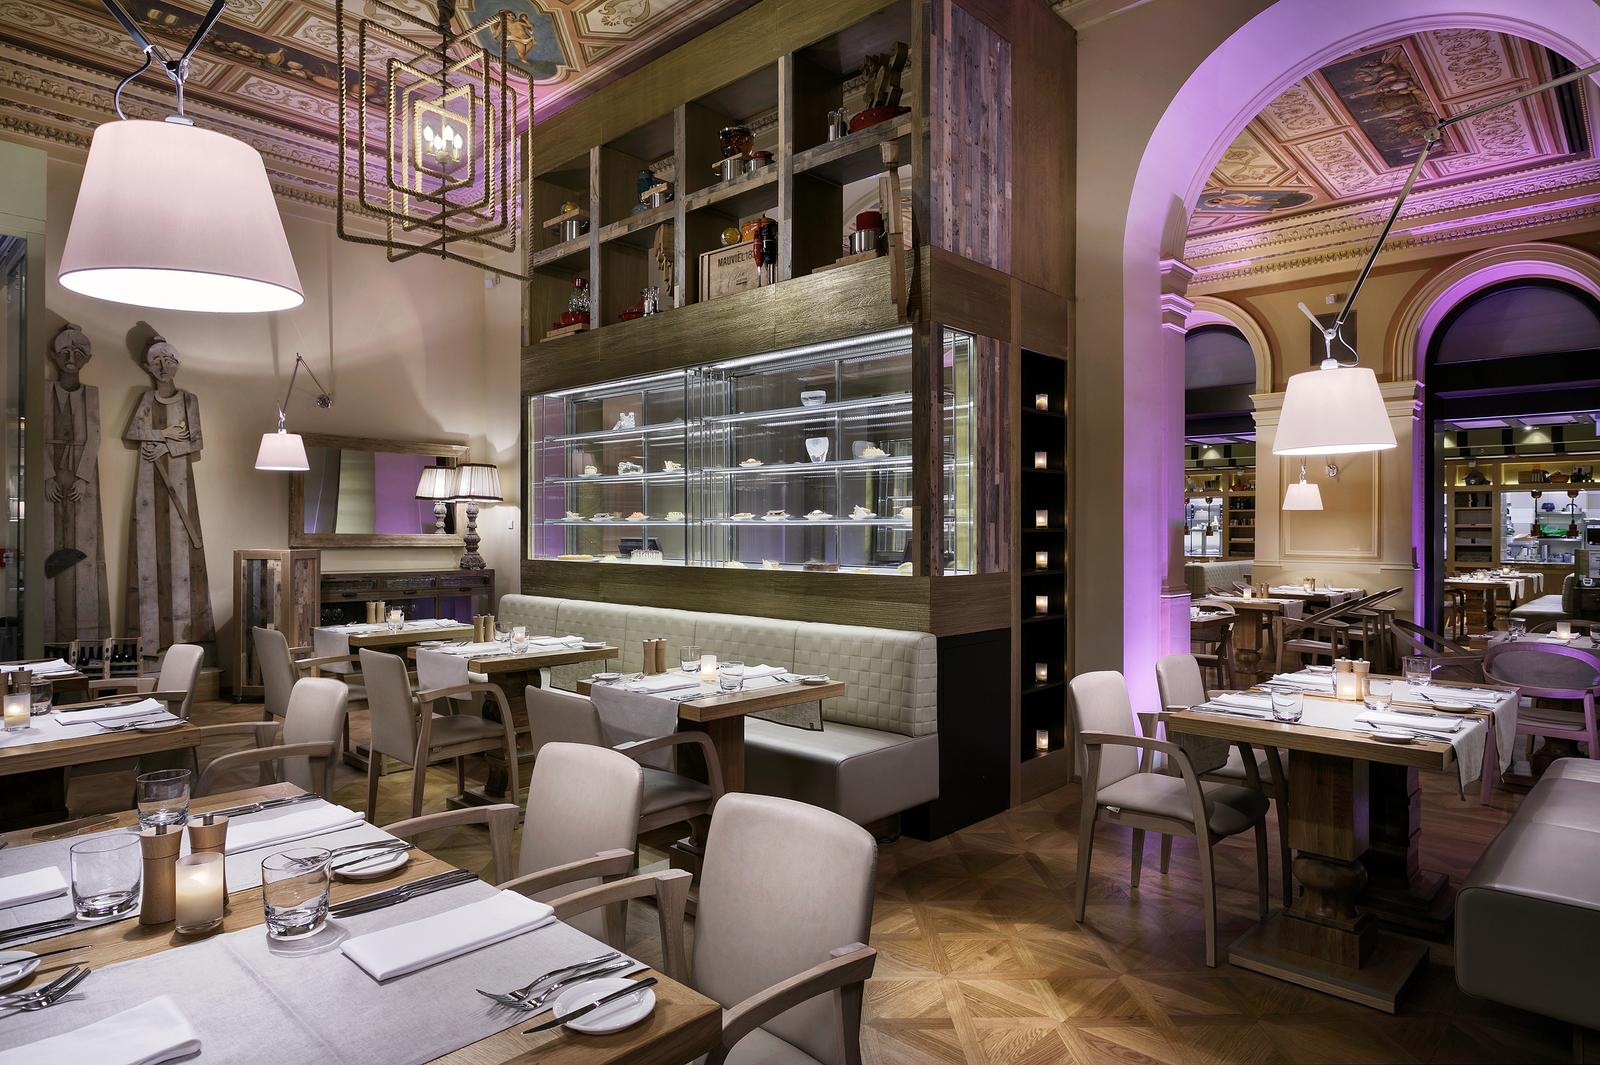 NEXT DOOR RESTAURANT & Hotel Cosmopolitan Prague | Restaurant NEXT DOOR